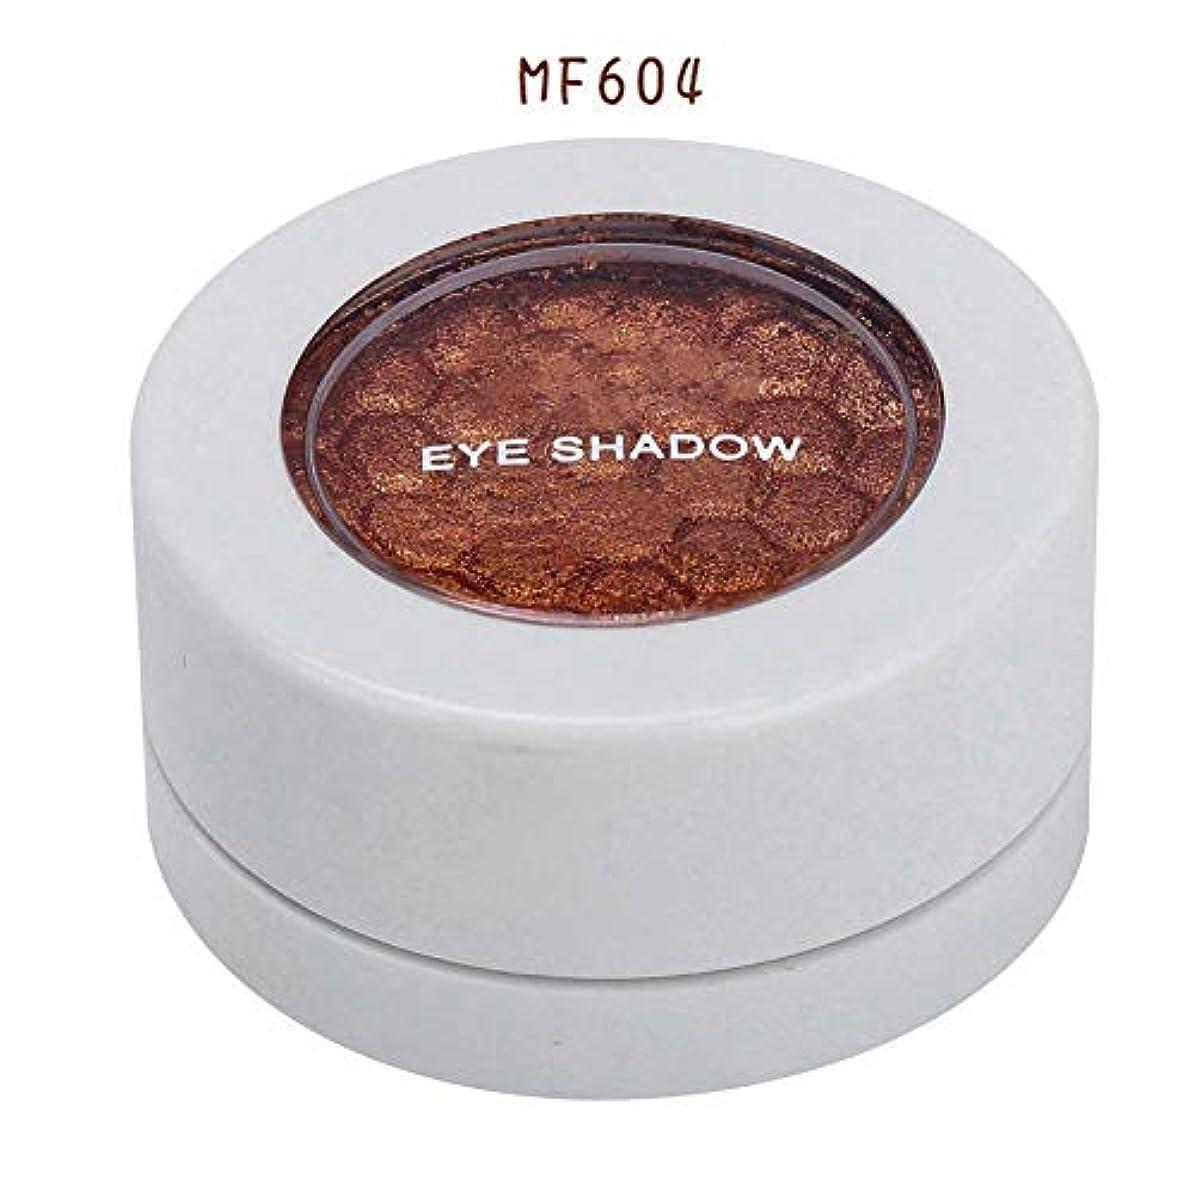 準備するコイン機関4色 アイシャドウパレット アイシャドウパレット 化粧品ツール 化粧マットグロス アイシャドウパウダー (MF604)